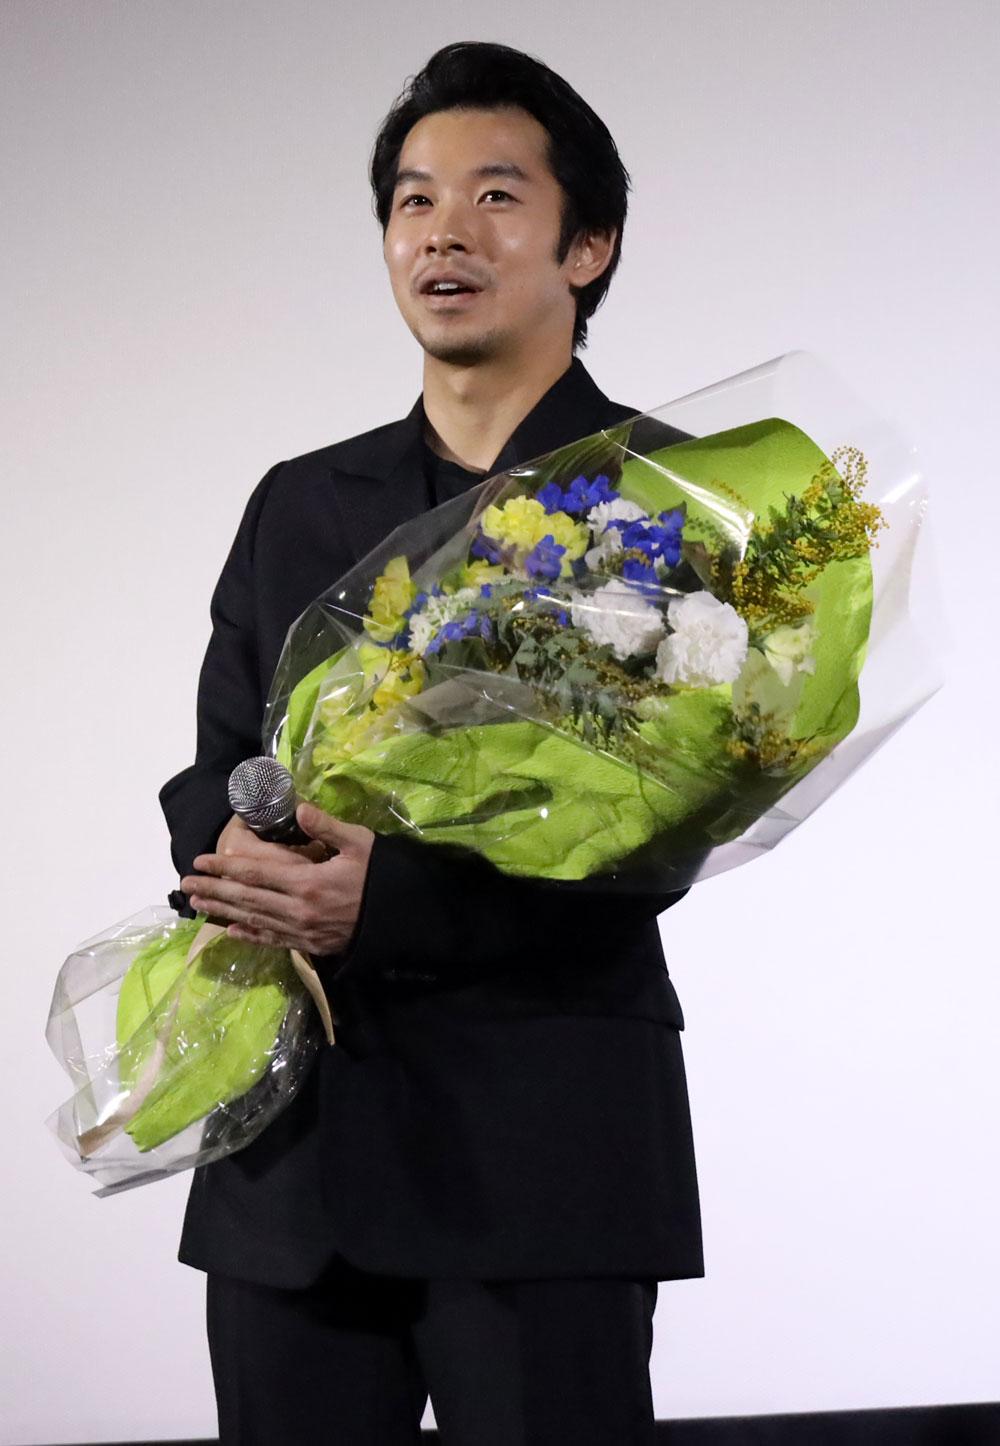 画像6: 仲野太賀&衛藤美彩 ダブル主演の注目作『静かな雨』待望の公開。初の主演作公開に衛藤は「映画の魅力にどっぷりと浸かりました」